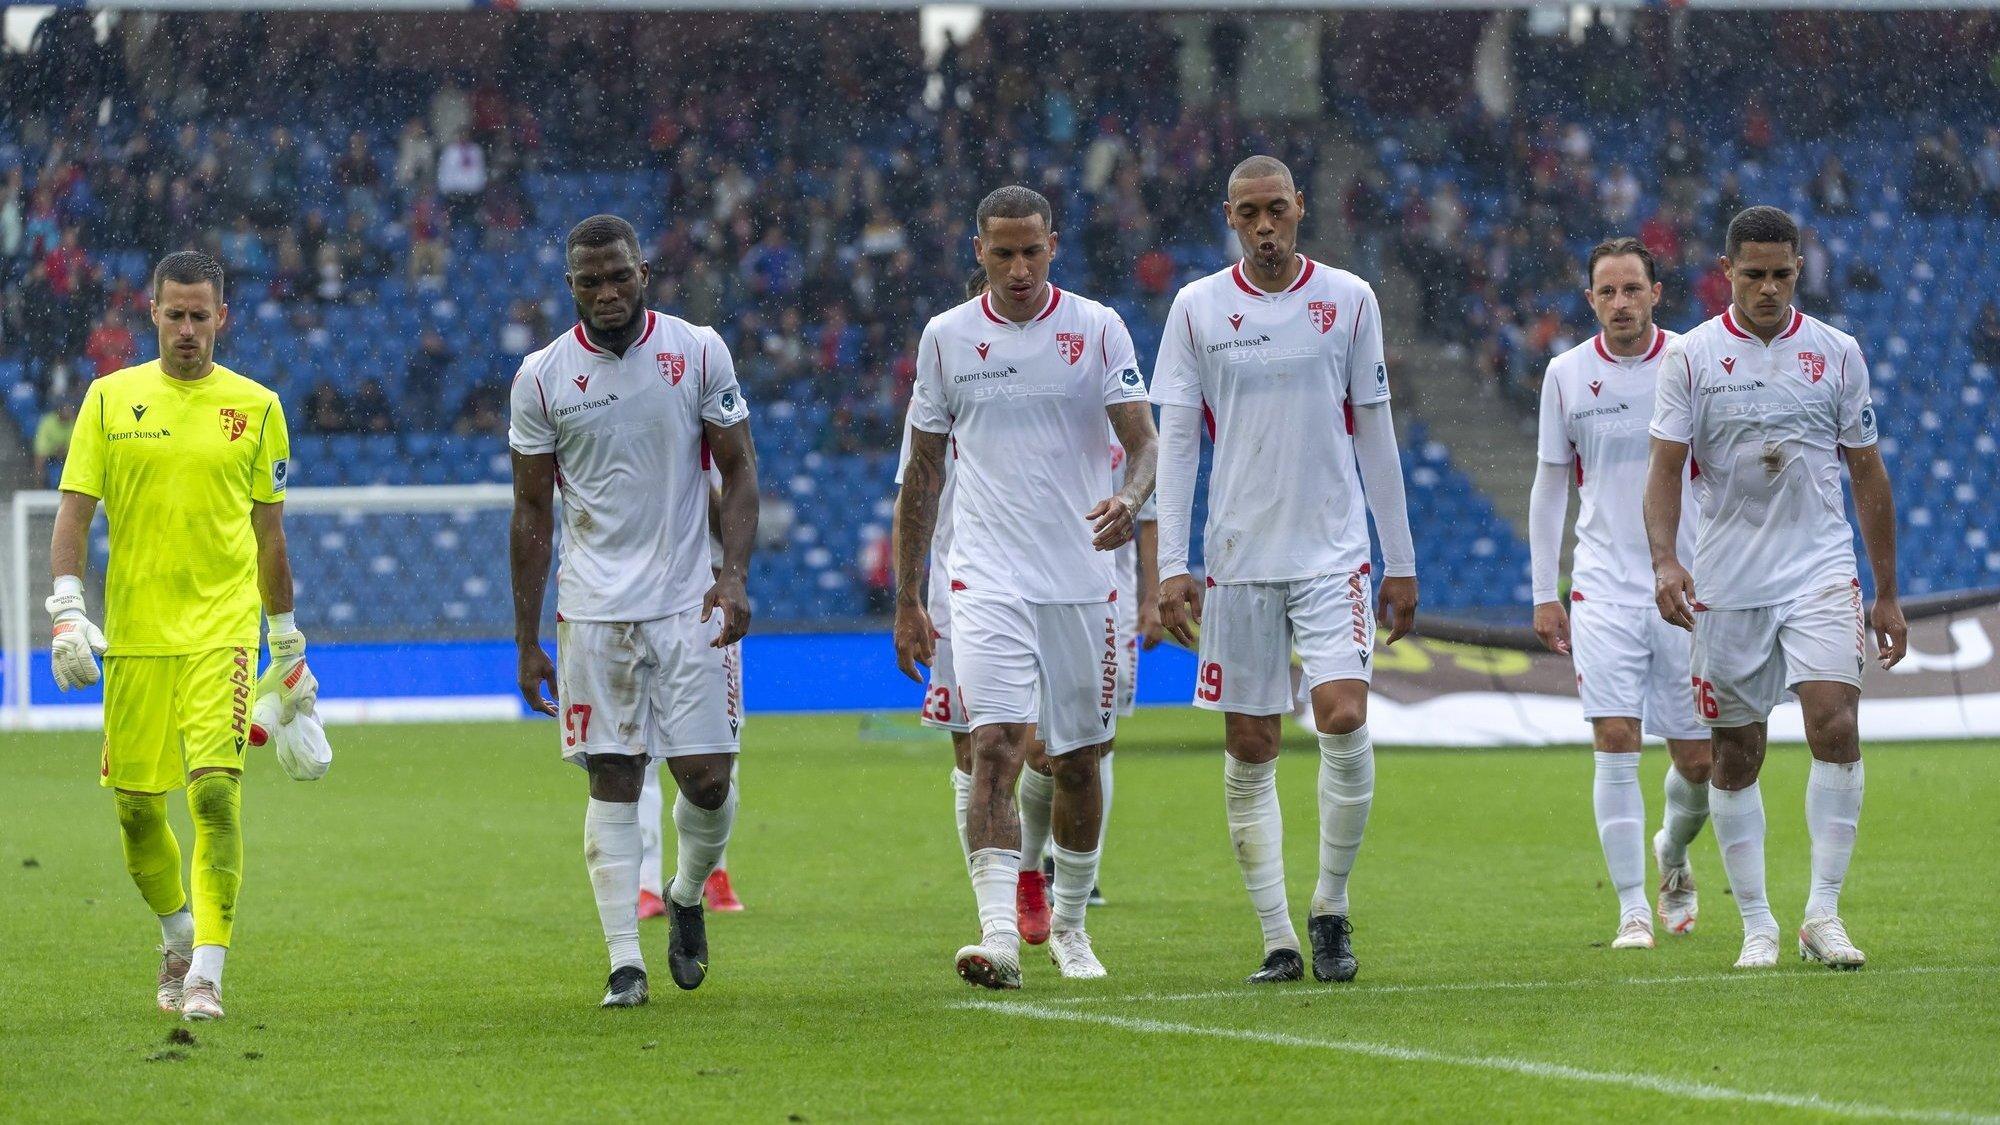 Les joueurs du FC Sion quittent le terrain après la première mi-temps alors que le onze valaisan est déjà mené 0-5.